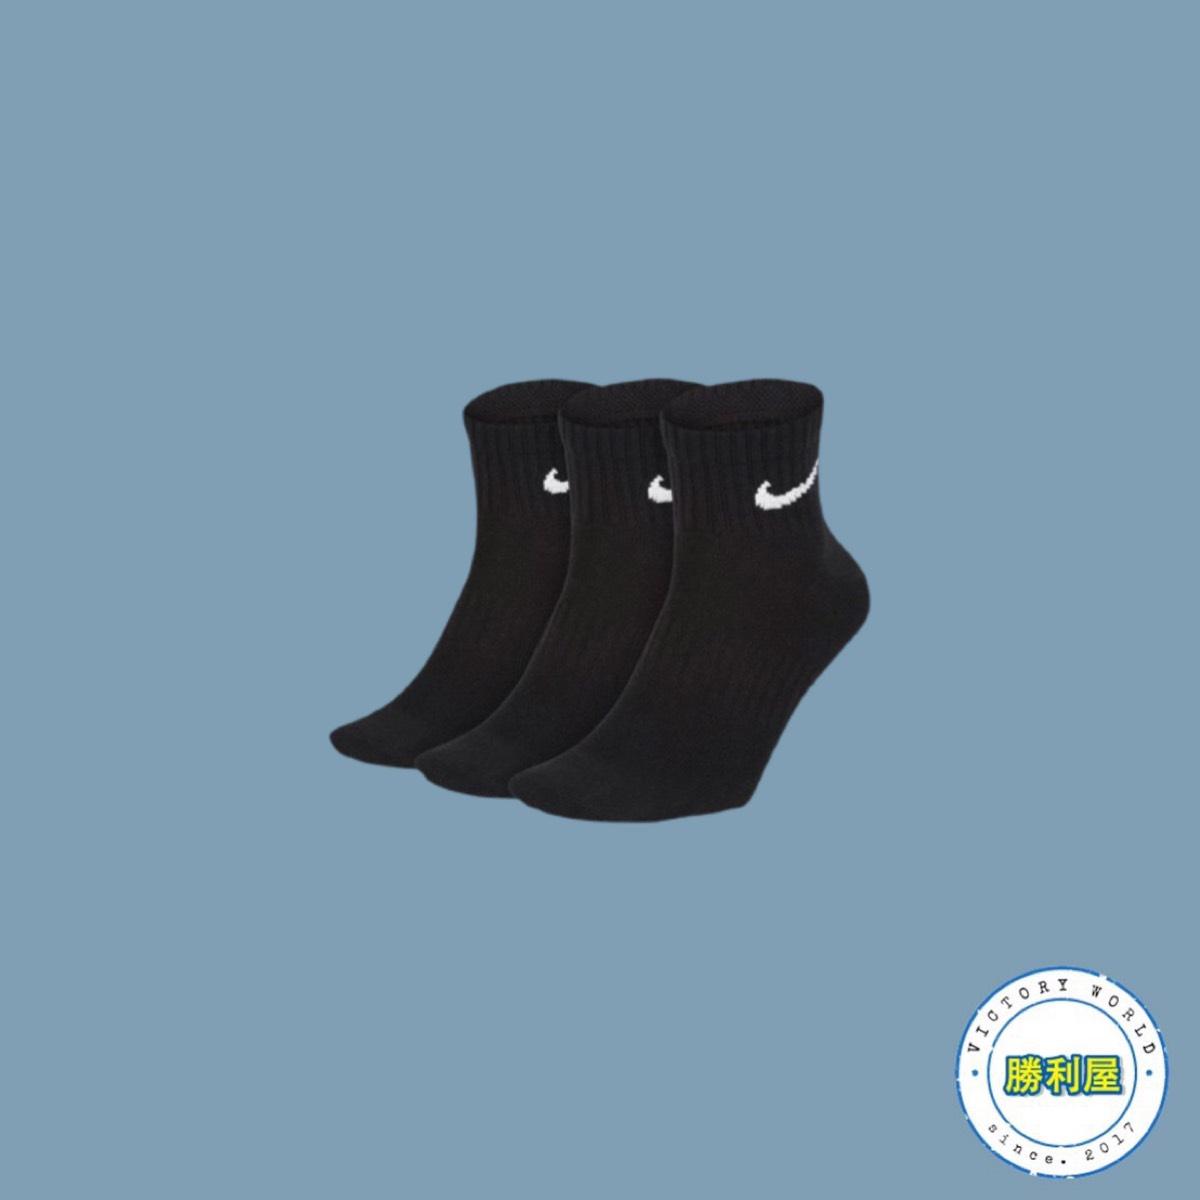 【滿3000現折300↘最高折$450】【NIKE】NIKE LIGHTWEIGHT QUARTER SOCKS CREW 襪子 中筒襪 黑 白 小LOGO 基本款 男女尺寸【勝利屋】